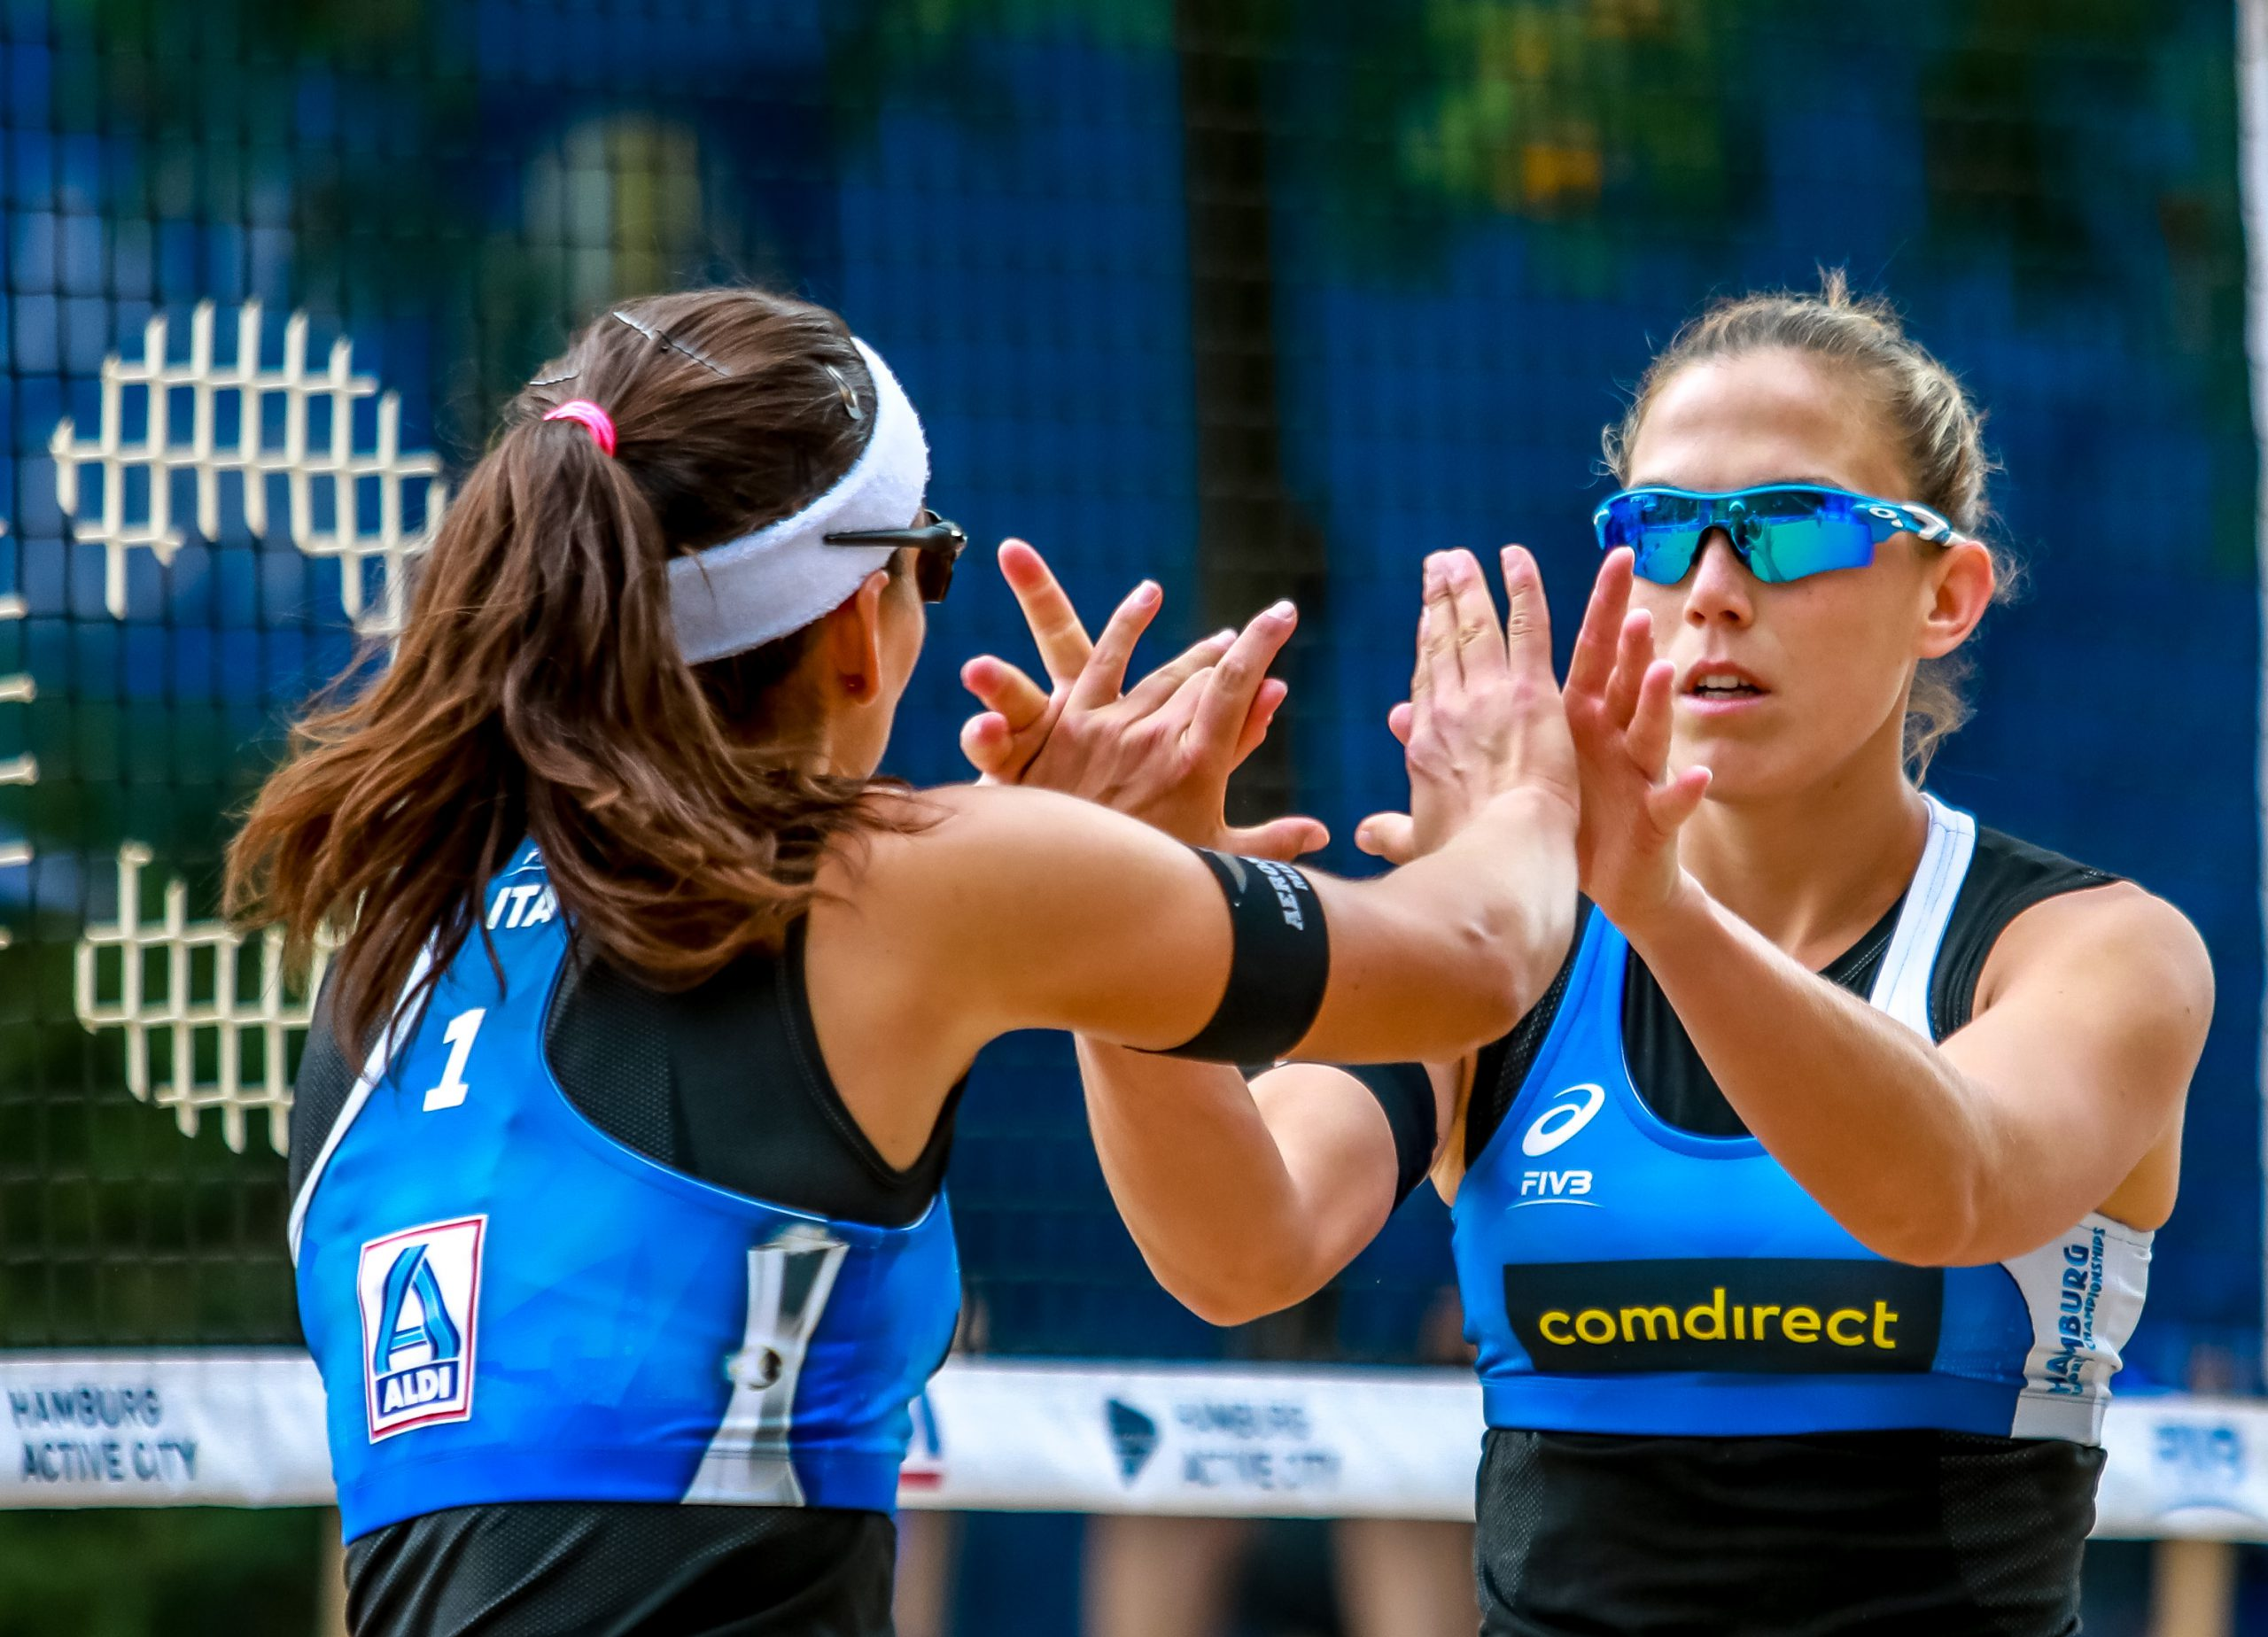 Torneo Qualificazione Olimpiadi: in Cina Lupo/Nicolai e Menegatti/Orsi Toth